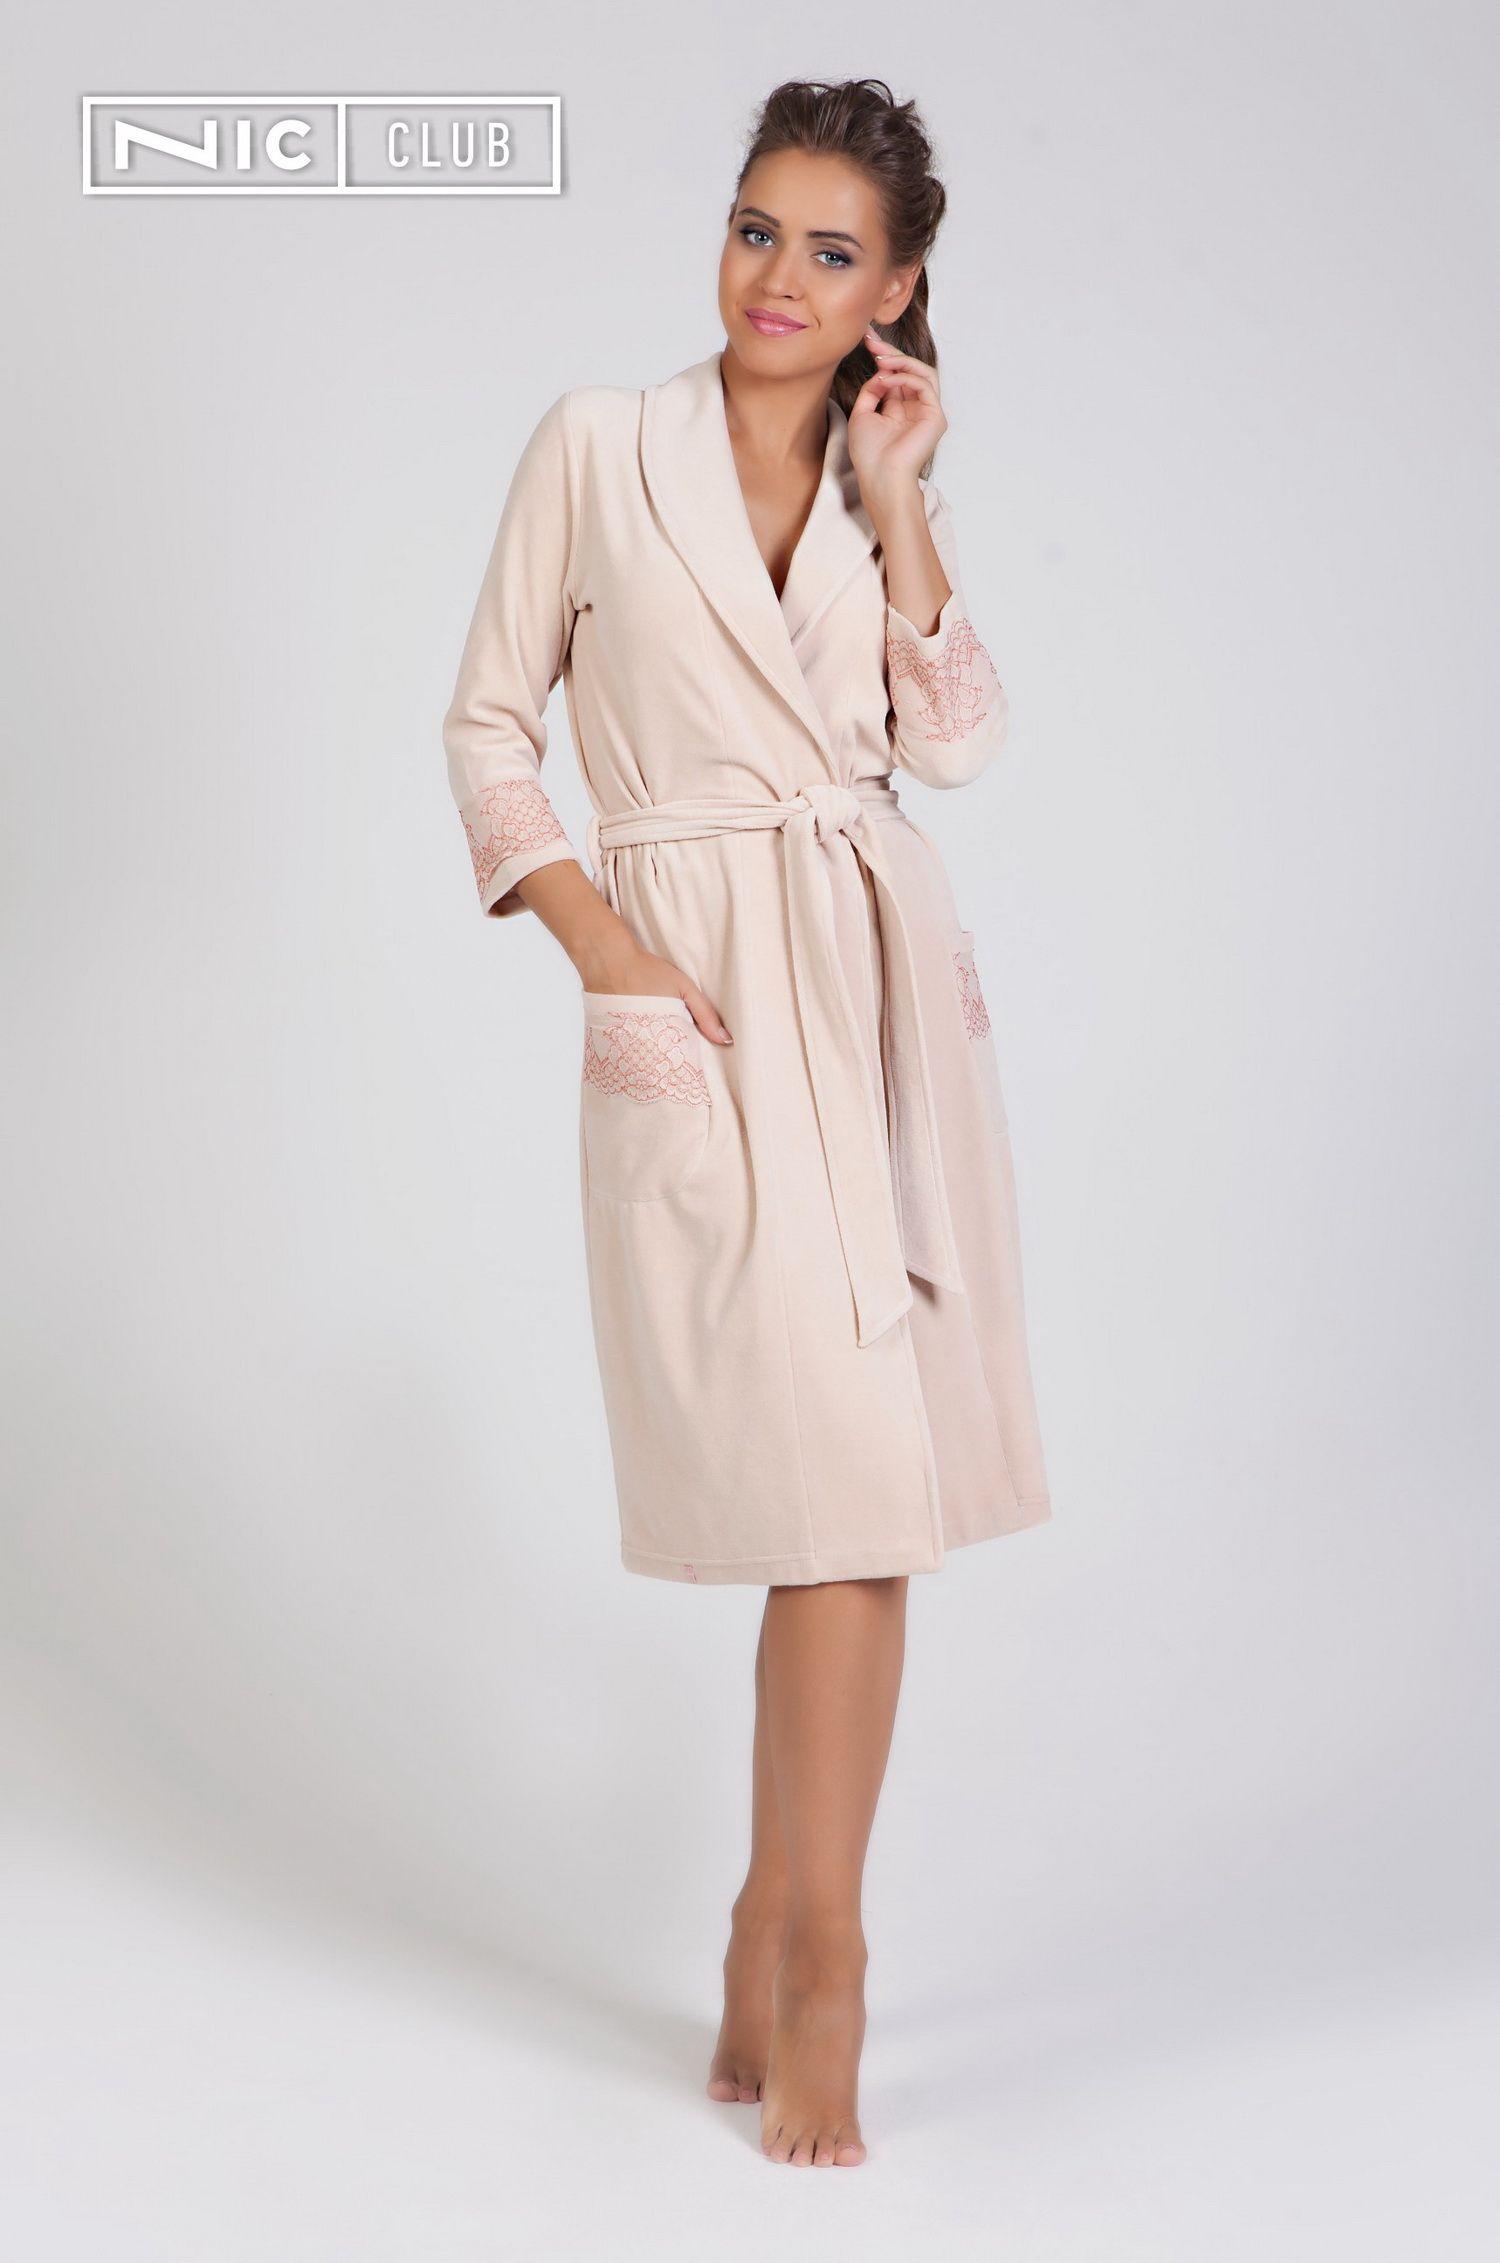 6de6fc892c3 Уютный велюровый халат Comfort («Комфорт») — на запах